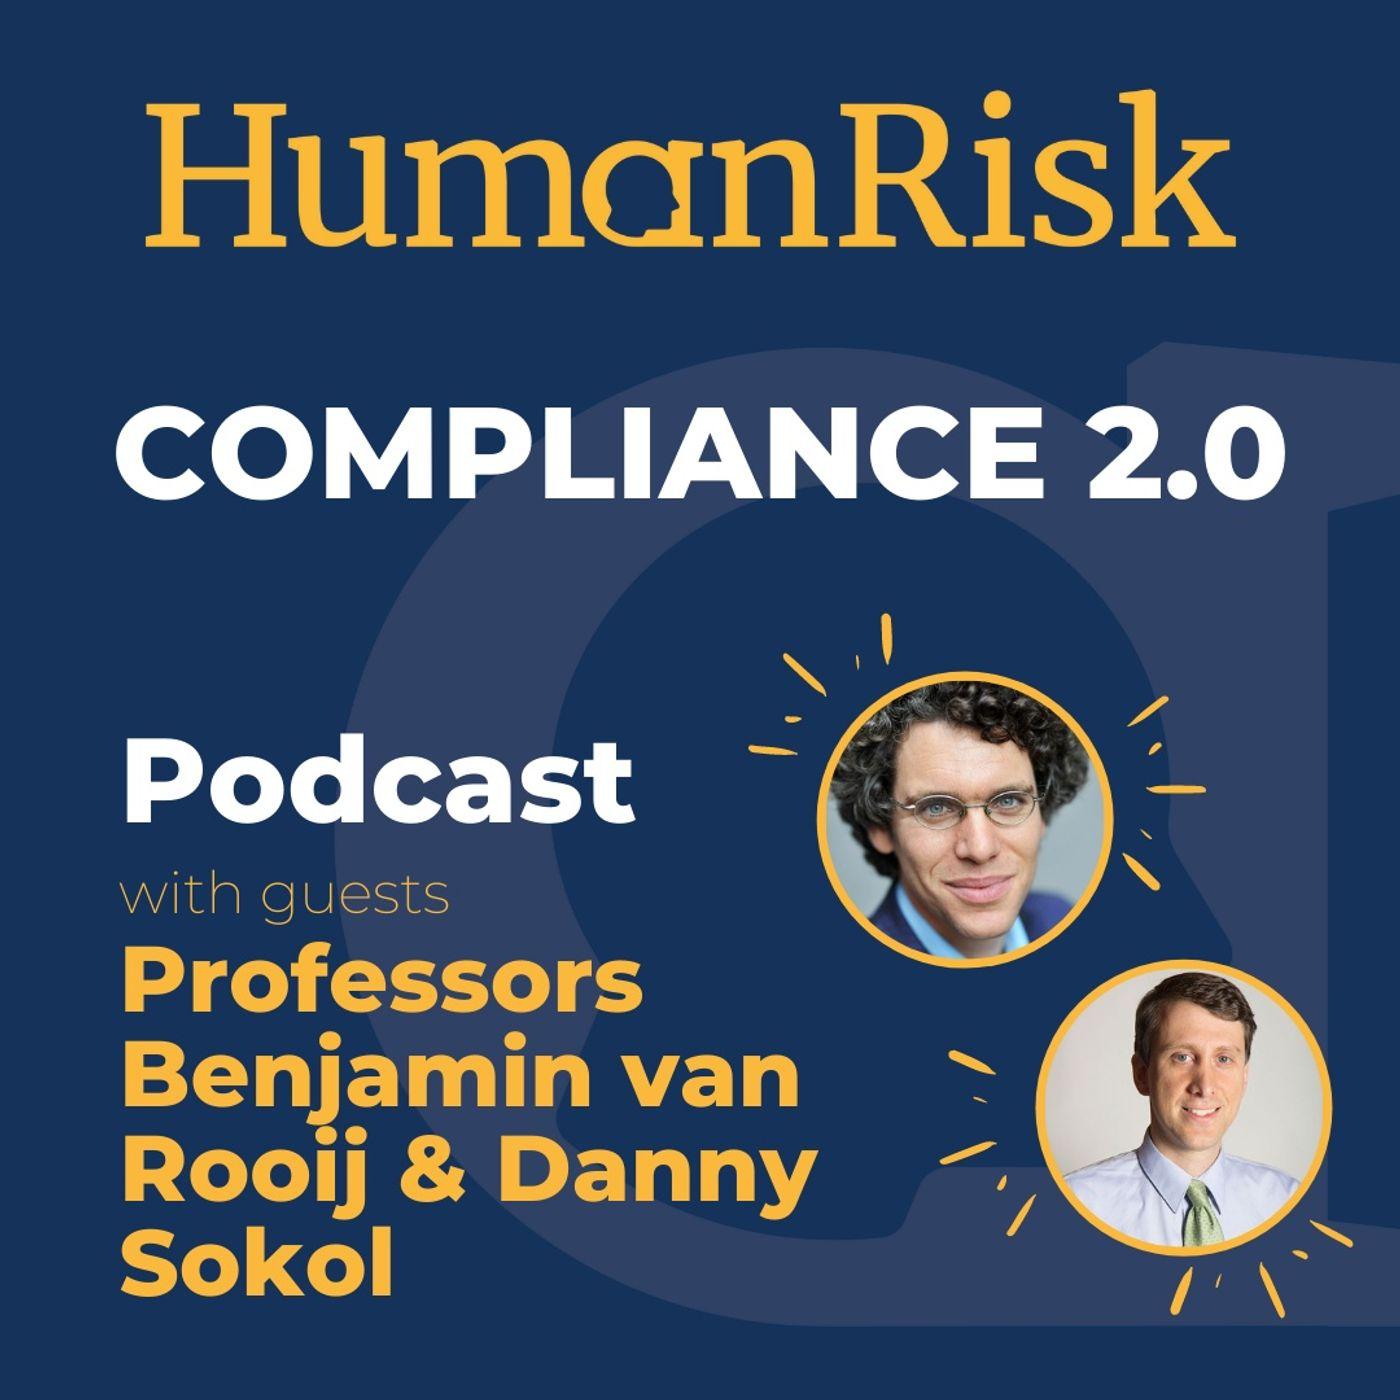 Professors Benjamin van Rooij & Danny Sokol on Compliance 2.0